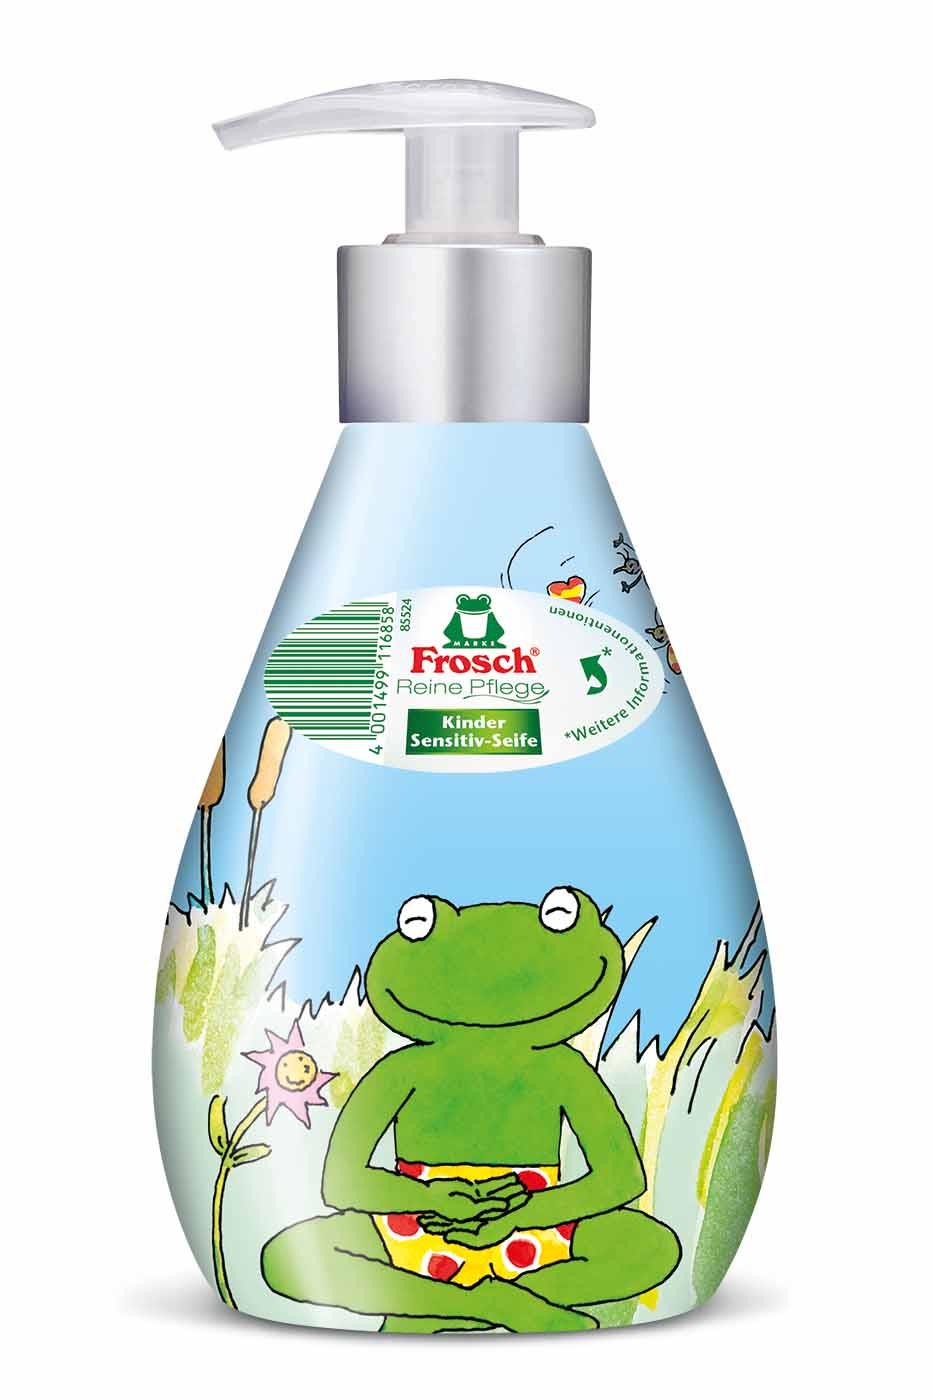 Жидкое детское мыло для рук Frosch, ухаживающее, 300 мл101685Детское мыло для рук Frosch - это мягко ухаживающее мыло, нежные увлажняющие компоненты которого специально разработаны под различные потребности чувствительной детской кожи. Ухаживающее детское мыло Frosch при каждом мытье рук защищает кожу от пересушивания. Кроме того, питательные, смягчающие компоненты сохраняют естественную защиту кожи и дают приятное ощущение мягкости. Эту нежную концепцию дополняет мягкий цветочный аромат. Мыло pH- нейтрально для кожи и проверено дерматологами. Кожно-раздражающее и сенсобилизирующее действие отсутствует. Предназначено для детей от 3-х лет. Характеристики: Состав: вода, лаурил сульфат натрия, глицерин, хлорид натрия, кокамидопропилбетаин, глицерил олеат, коко-глюкозаид, лимонная кислота, салициловая кислота, бензоат натрия, ароматизирующие добавки. Объем: 300 мл. Артикул: 101685. Торговая марка Frosch специализируется на выпуске экологически чистой бытовой химии....